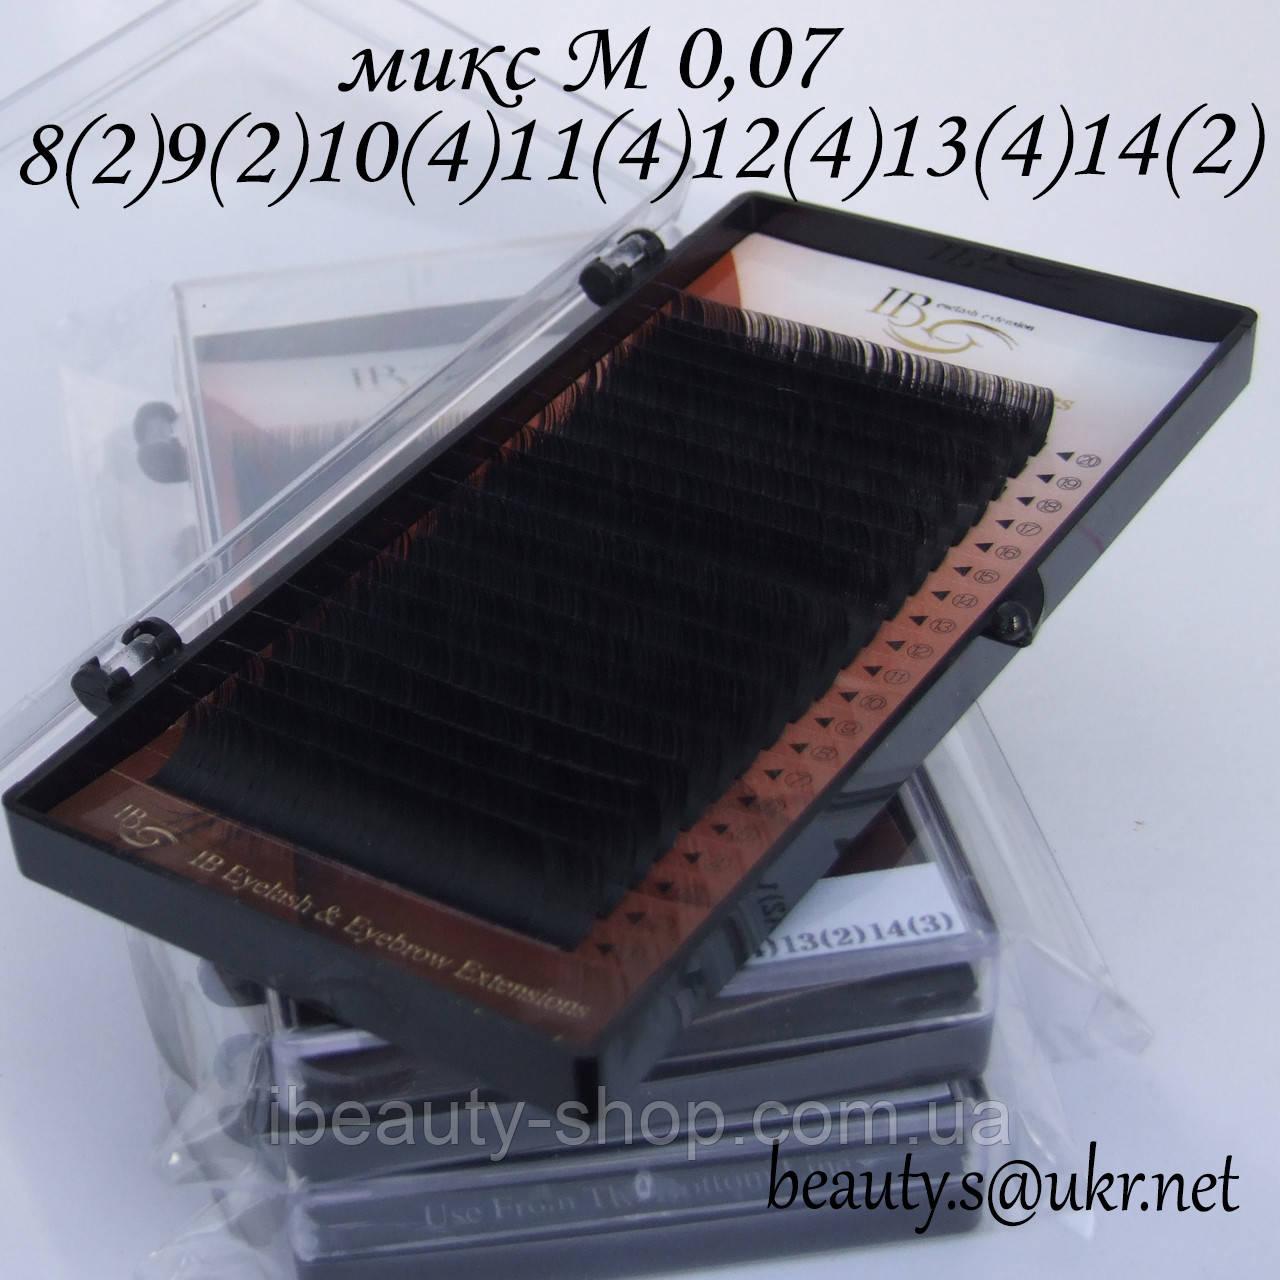 Вії I-Beauty мікс М-0,07 8-14мм